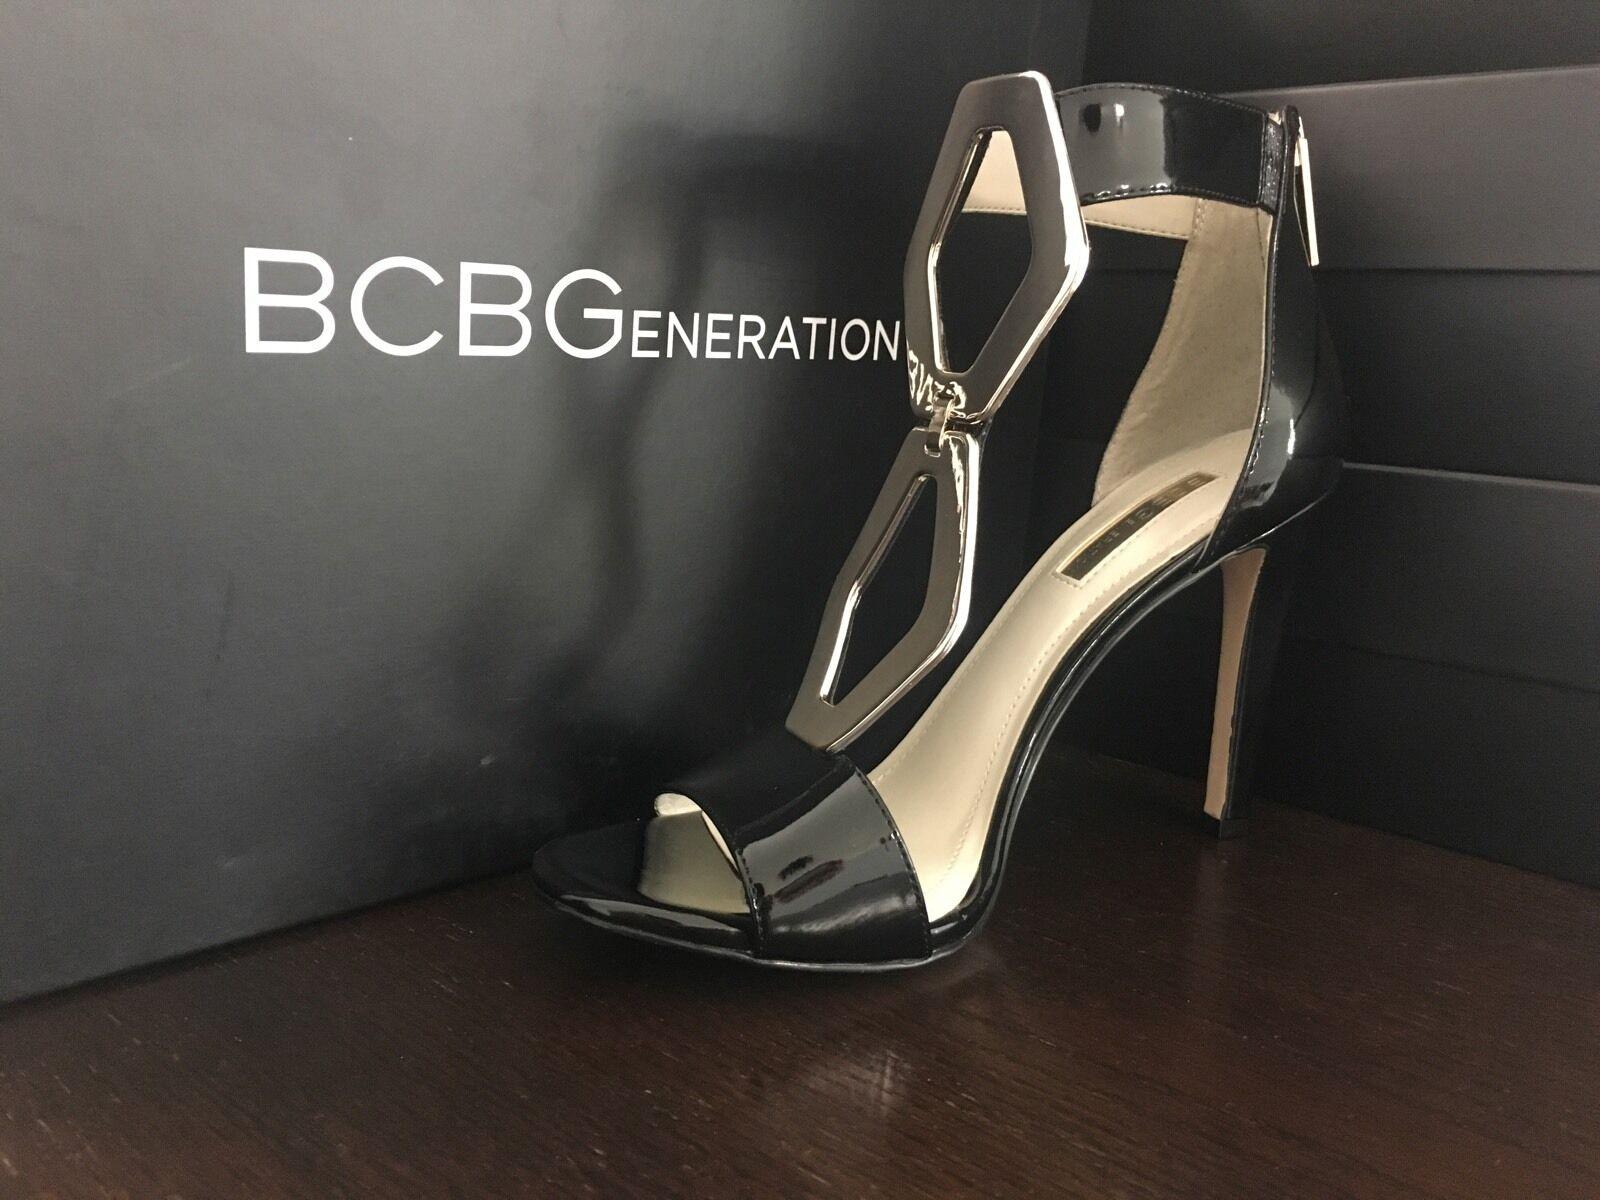 Bcbgeneration Bcbgeneration Bcbgeneration para mujeres Zapatos Cayce Tobillo Bombas De Moda Tacones bgbgmaxazria-Correa  tienda de descuento